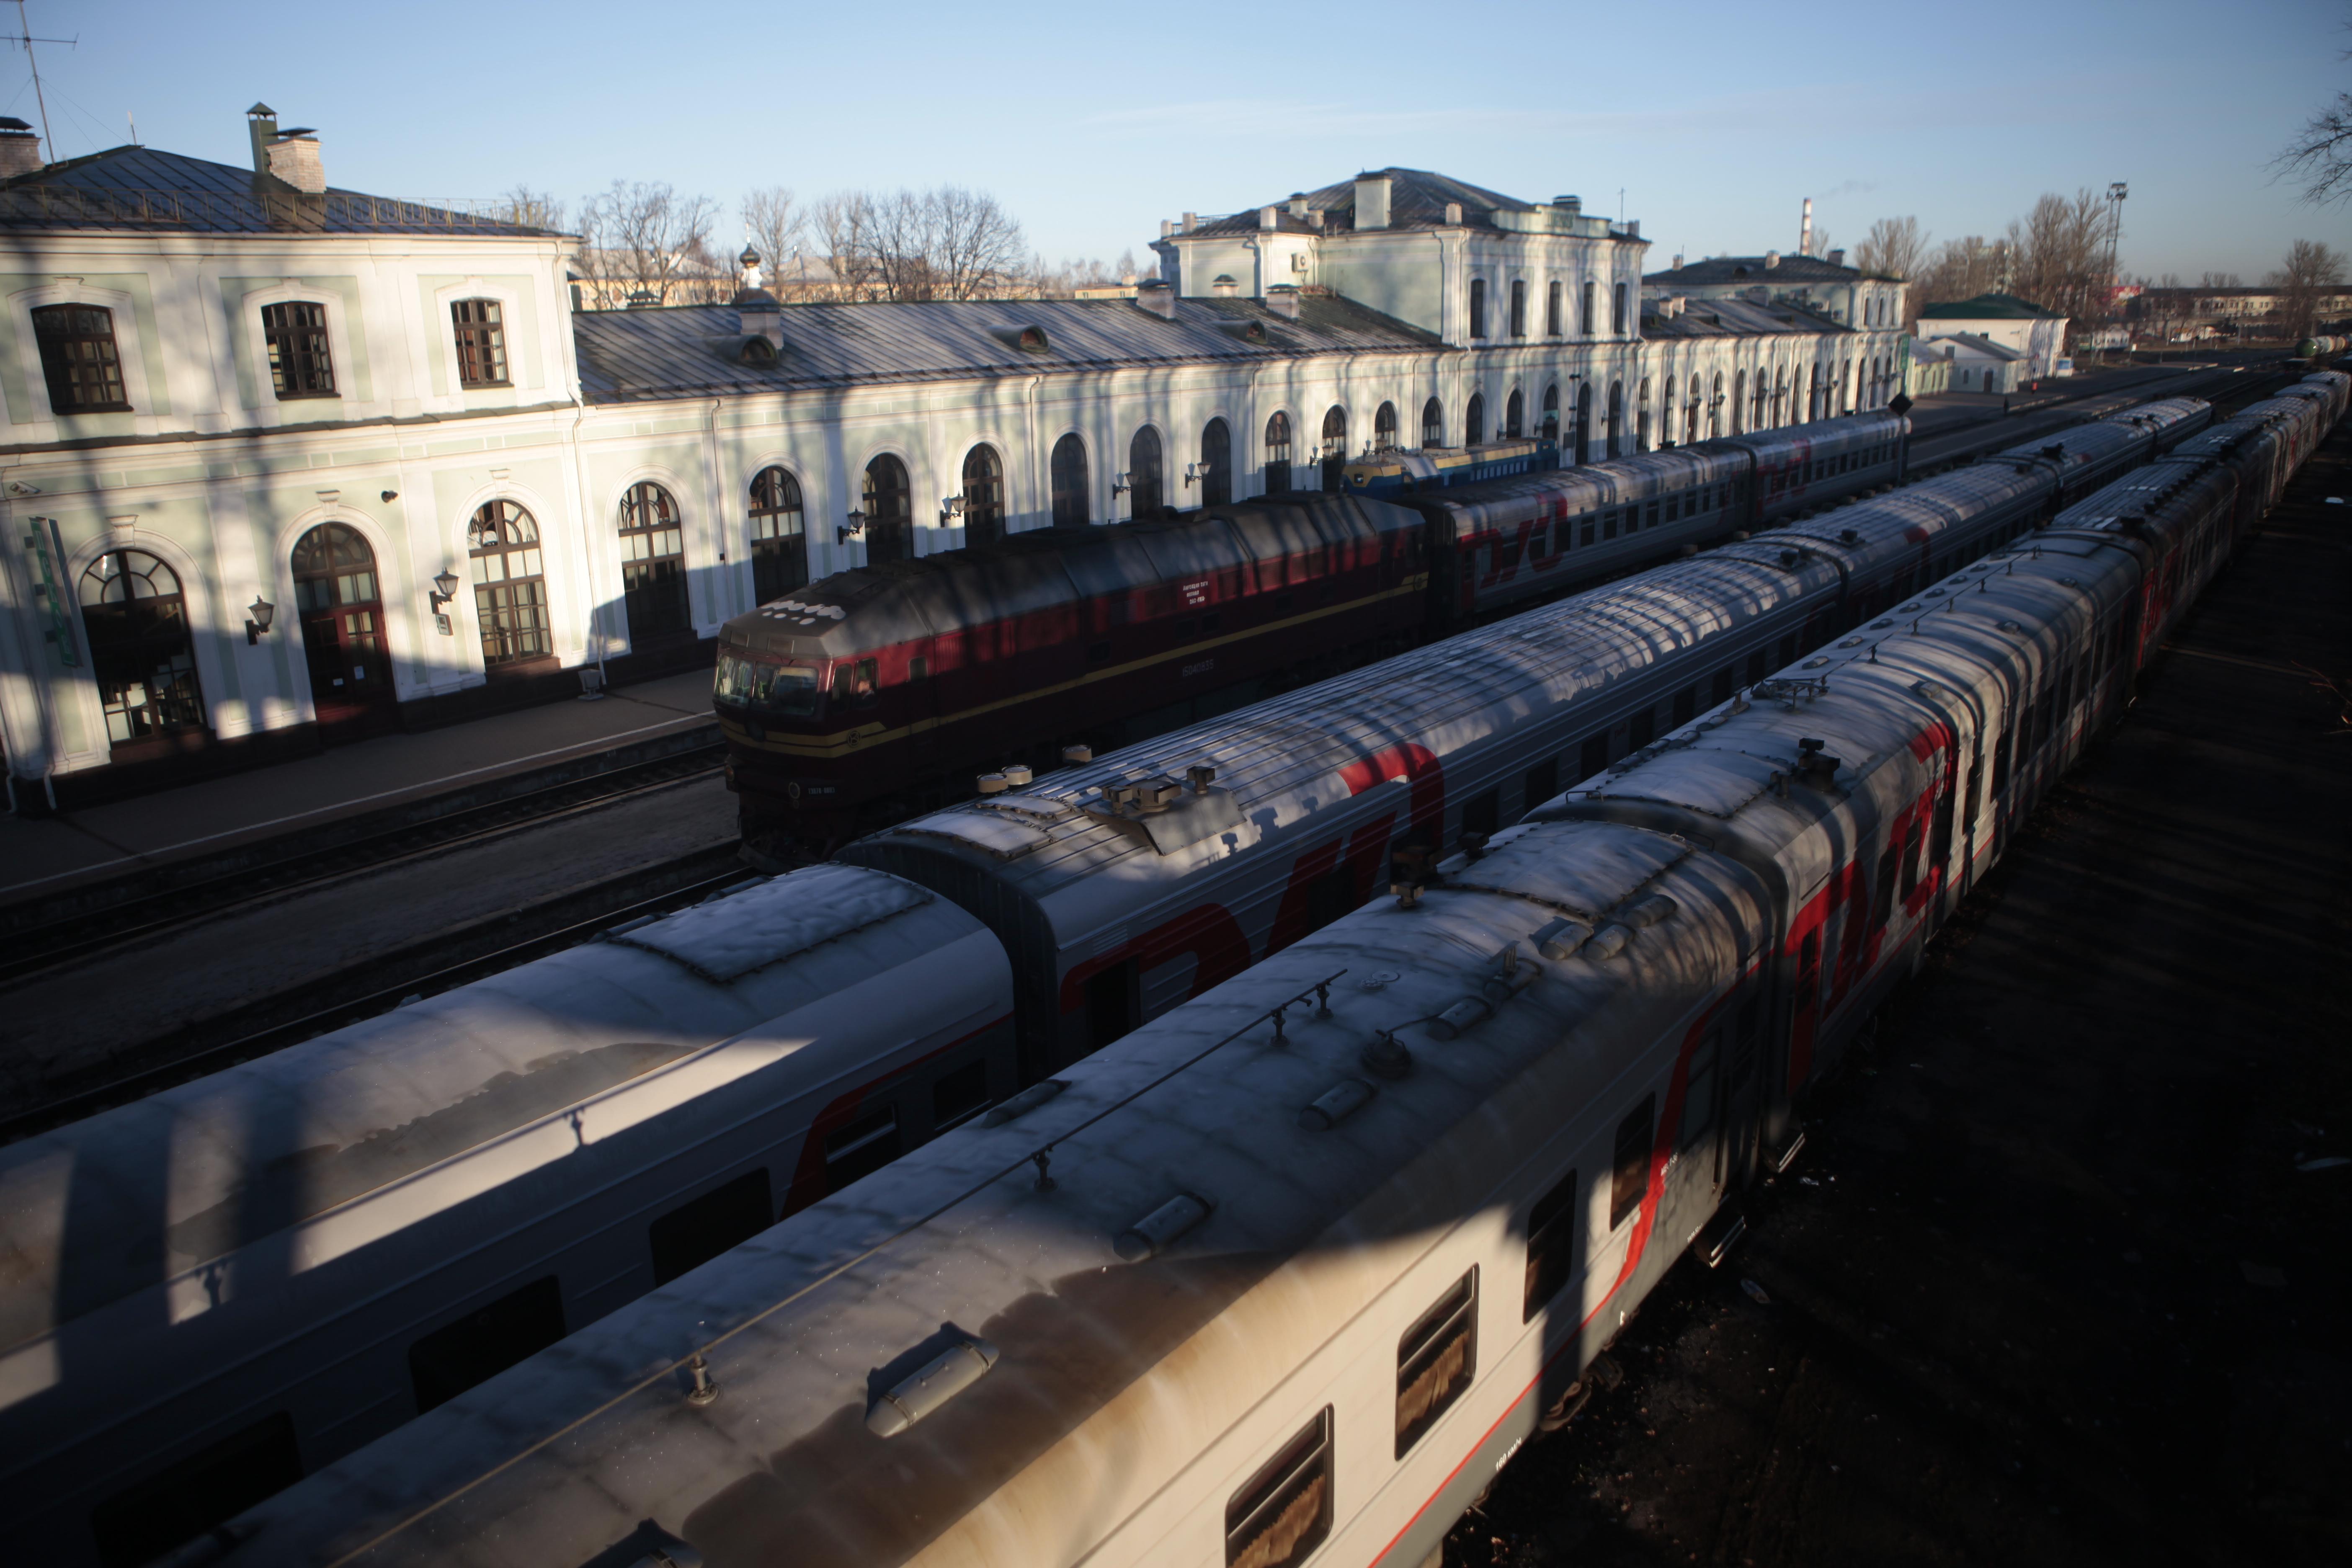 Поезда из Пскова в Москву и обратно пришли 9 ноября с опозданием от графика. Фото: Андрей Степанов.